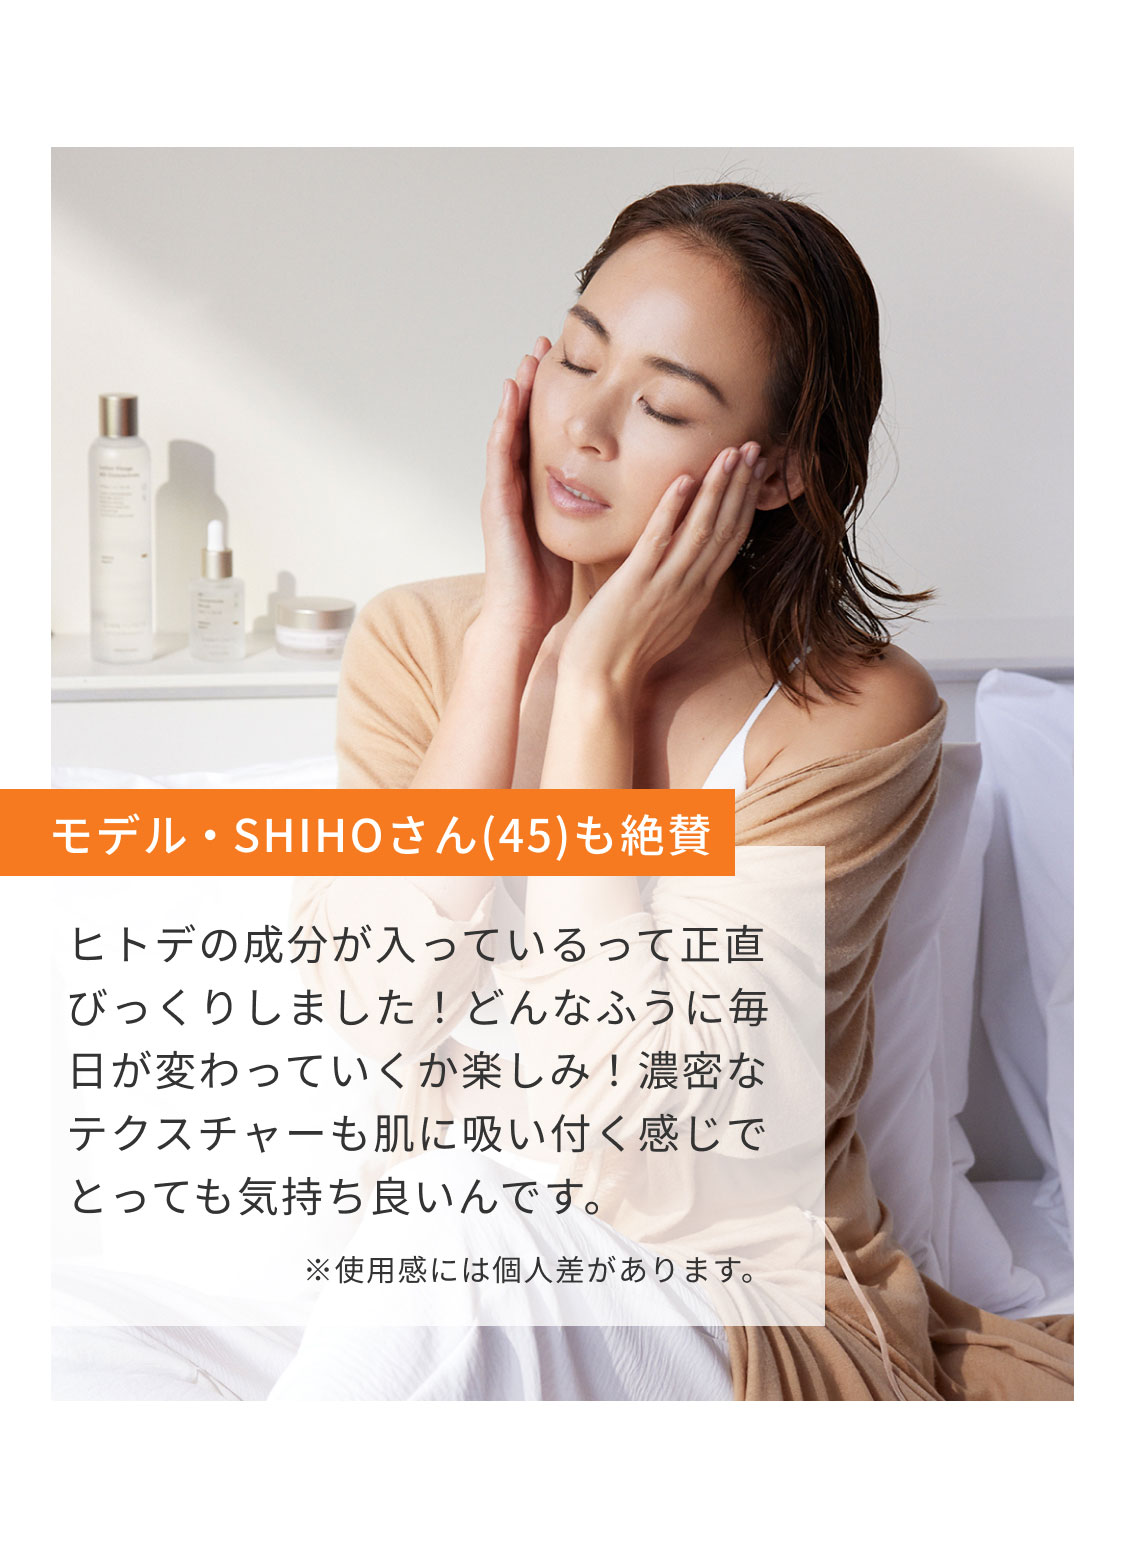 モデル・SHIHOさん(43)も絶賛